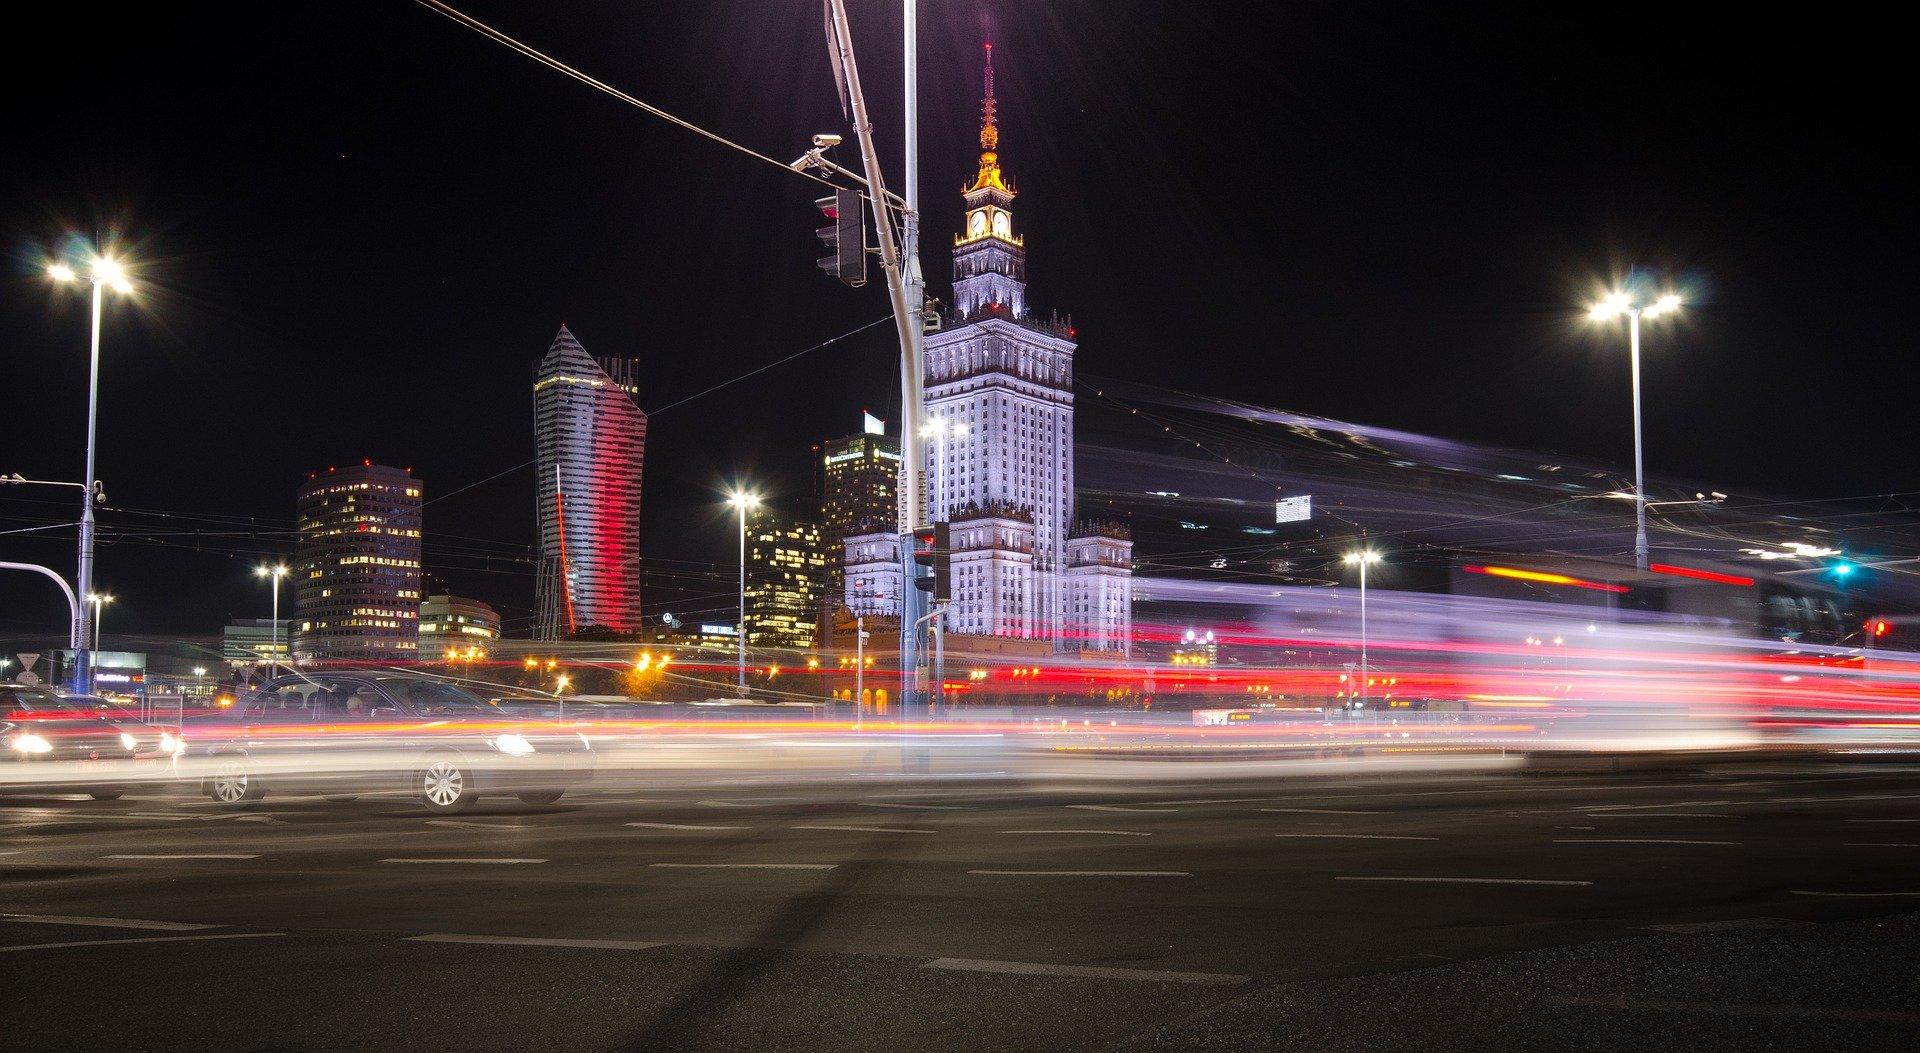 Варшава на четвертом месте в рейтинге городов с лучшим транспортным сообщением в Европе